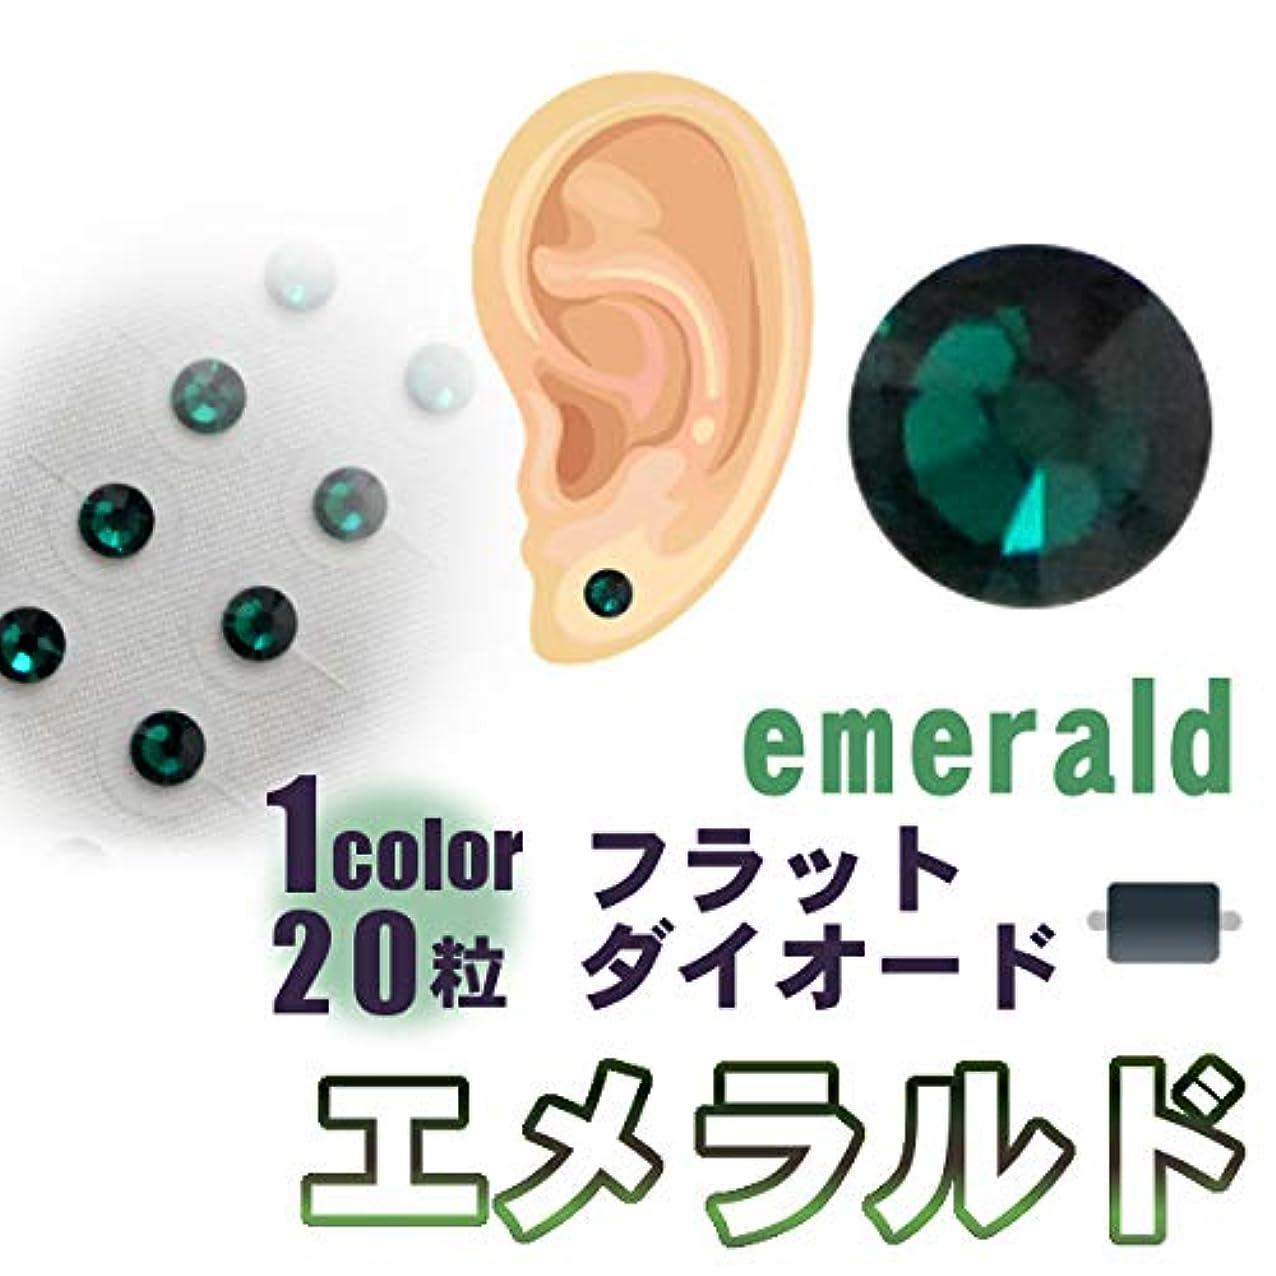 どこにも雪だるま評価フラットダイオード 耳つぼジュエリー(1シート20粒)エメラルドー全3サイズー粘着強化耳ツボシール (L ss16 約4mm) 【初心者用耳つぼマップ付】